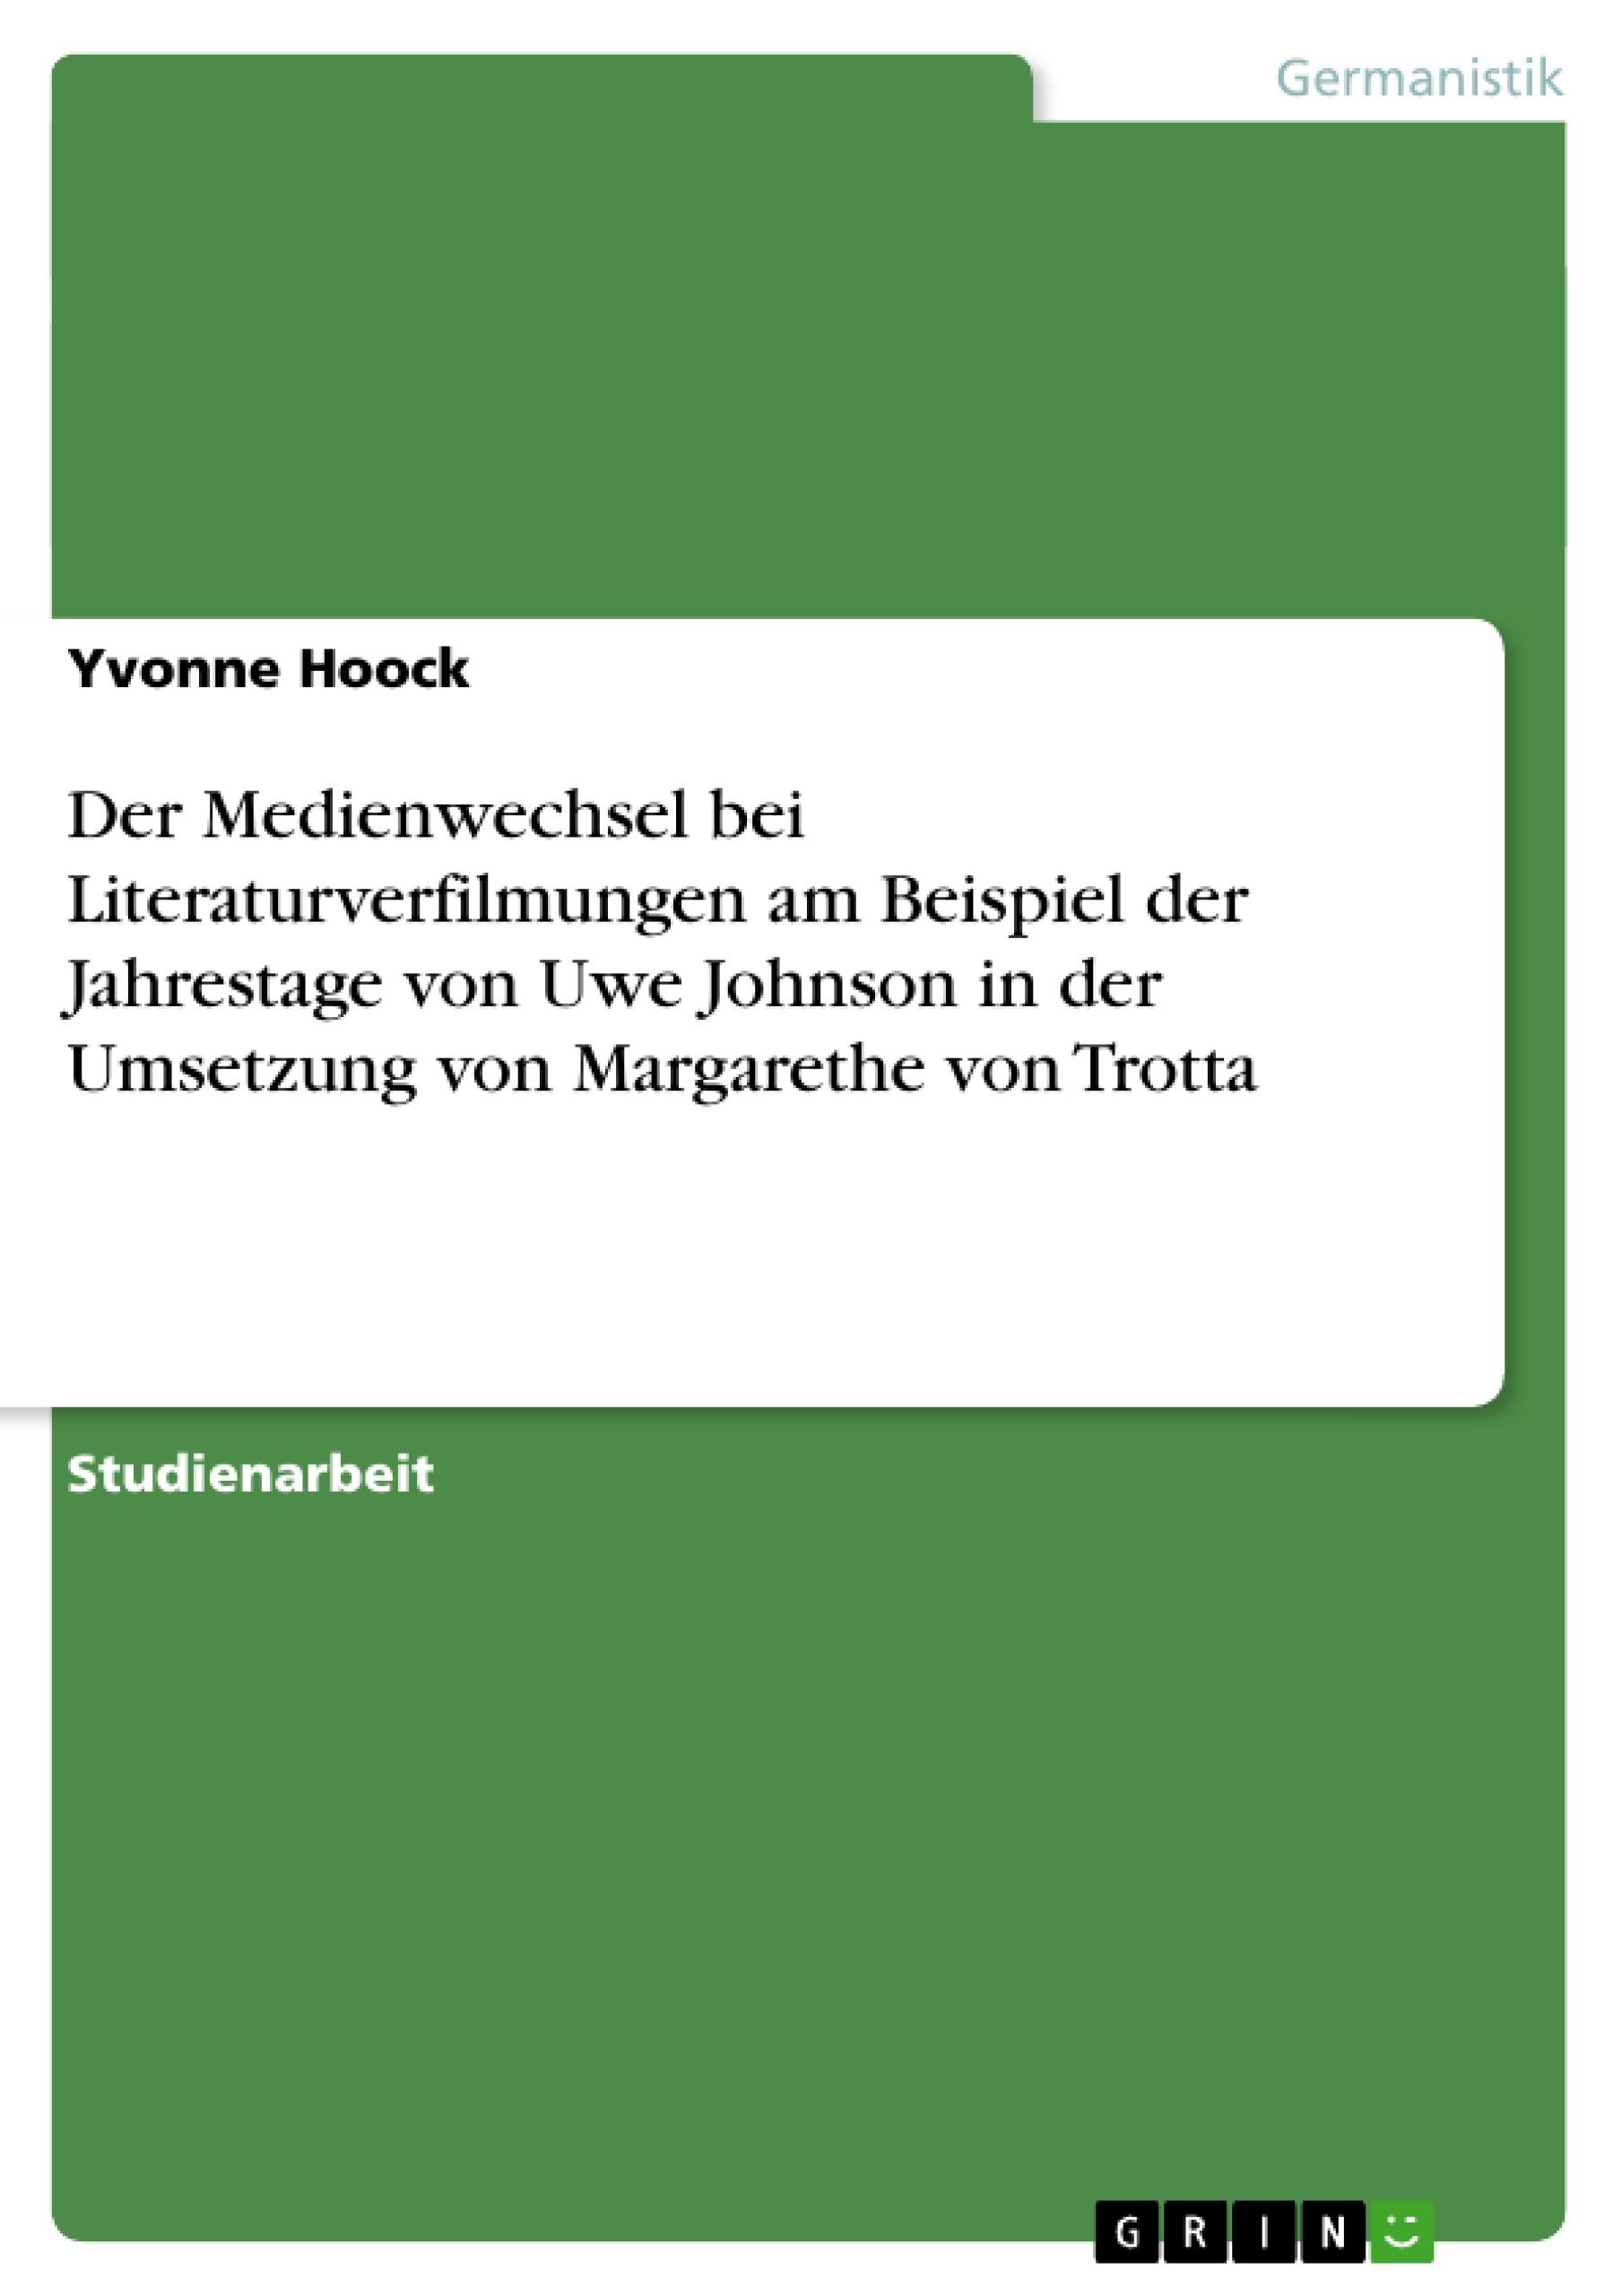 Titel: Der Medienwechsel bei Literaturverfilmungen am Beispiel der Jahrestage von Uwe Johnson in der Umsetzung von Margarethe von Trotta